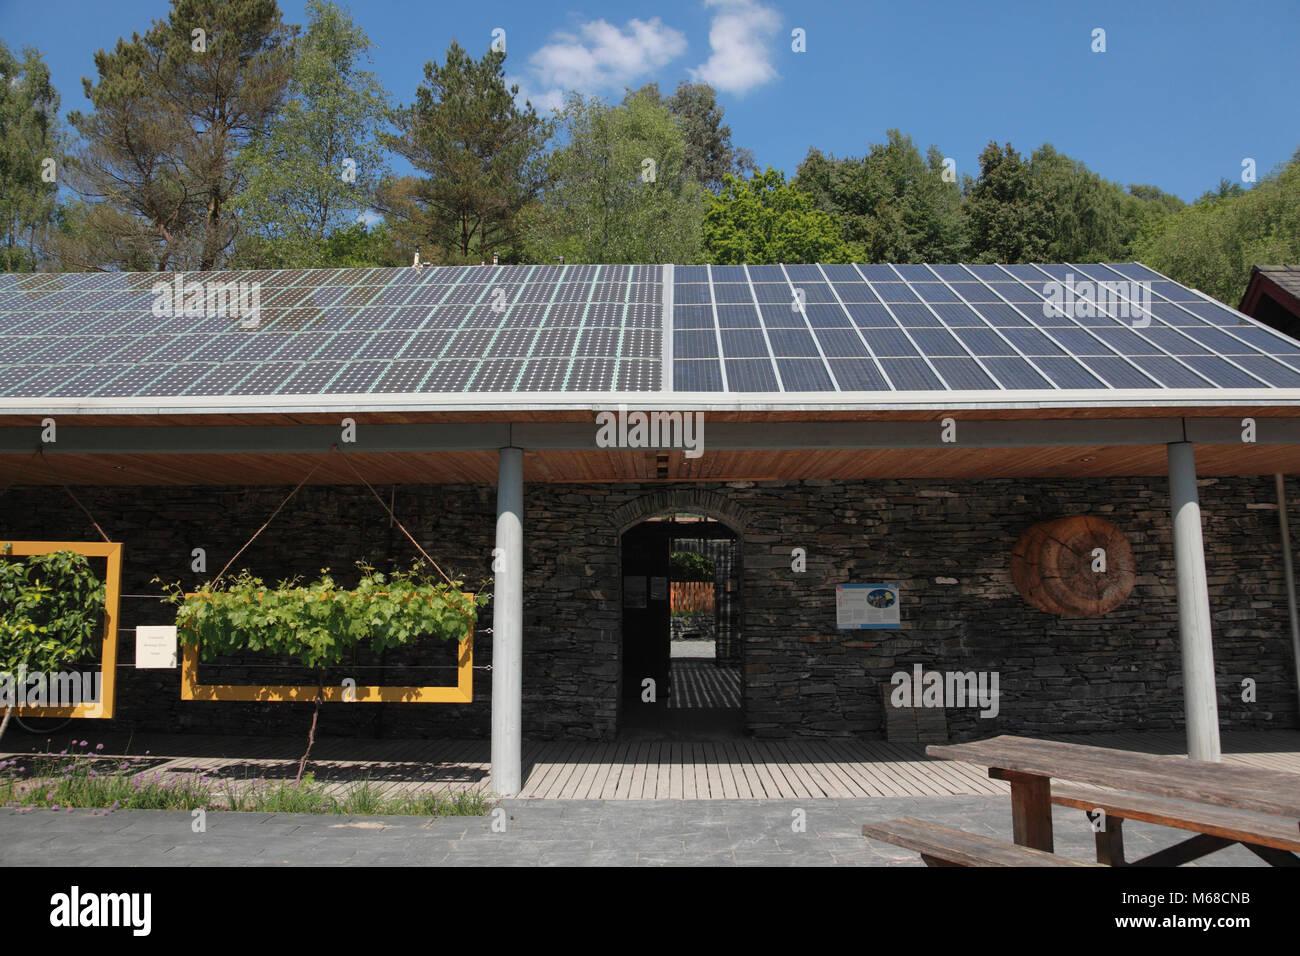 Photovoltaikanlagen (PV) auf dem Dach des Café im Zentrum für Alternative Technologie, Petworth Stockbild